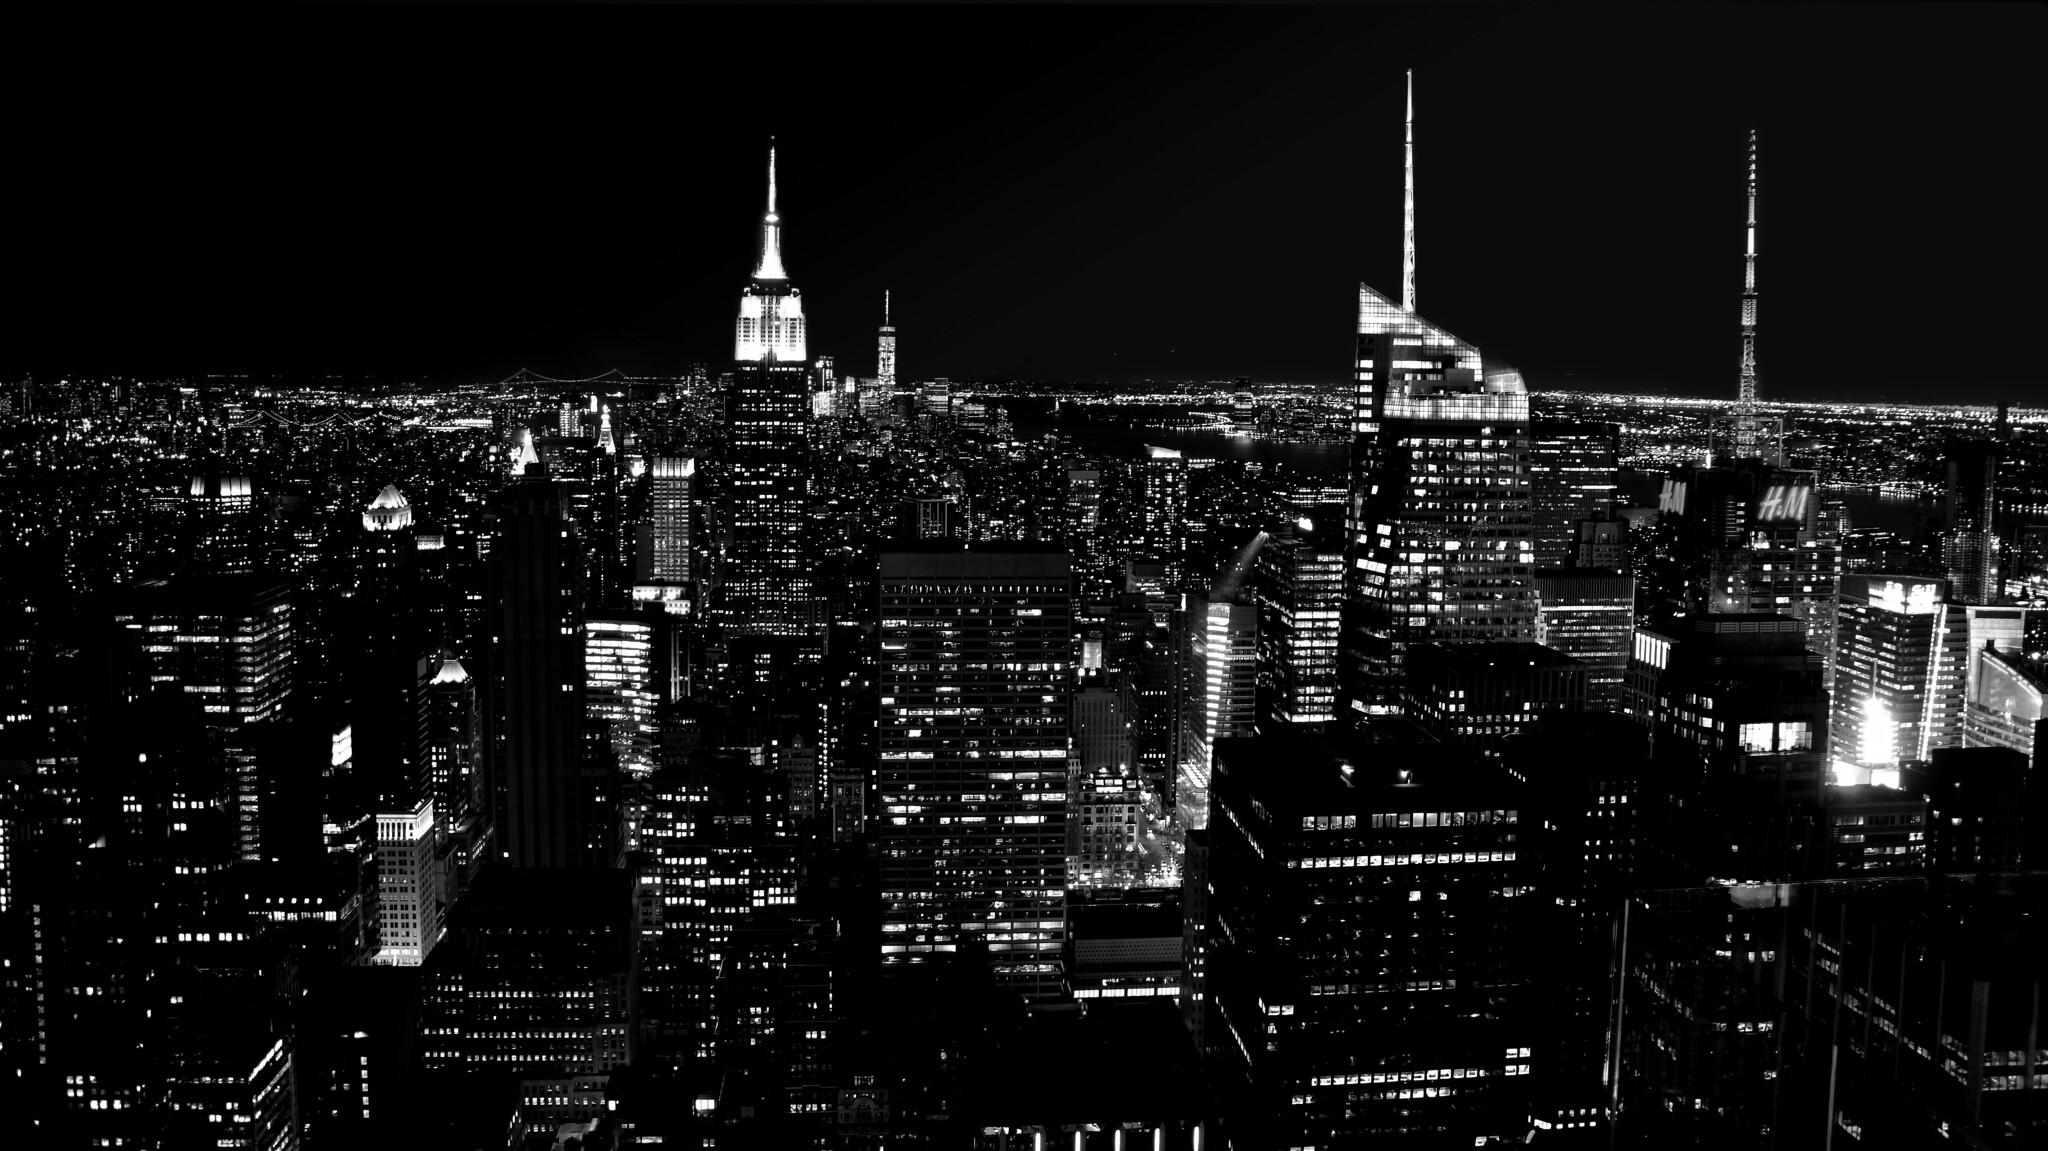 Consejos para viajar a Nueva York: Compra un mapa